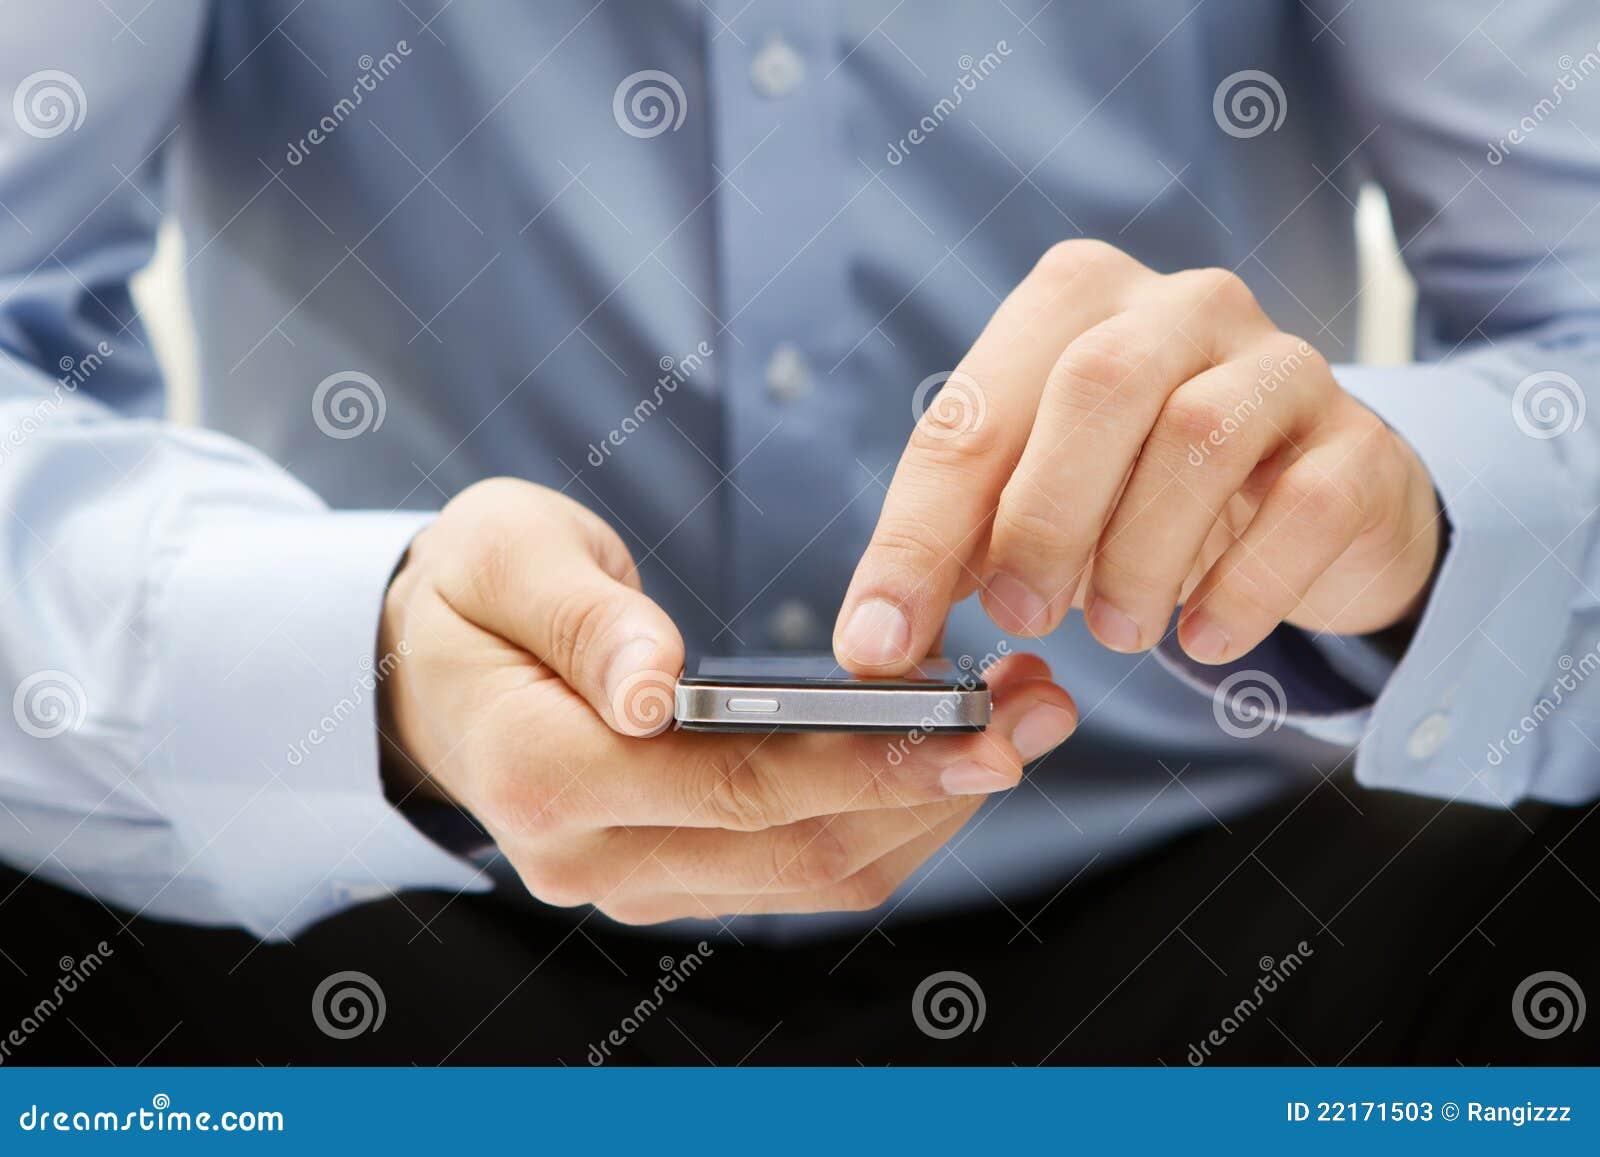 Zamkniętego mężczyzna telefonu mądrze używać